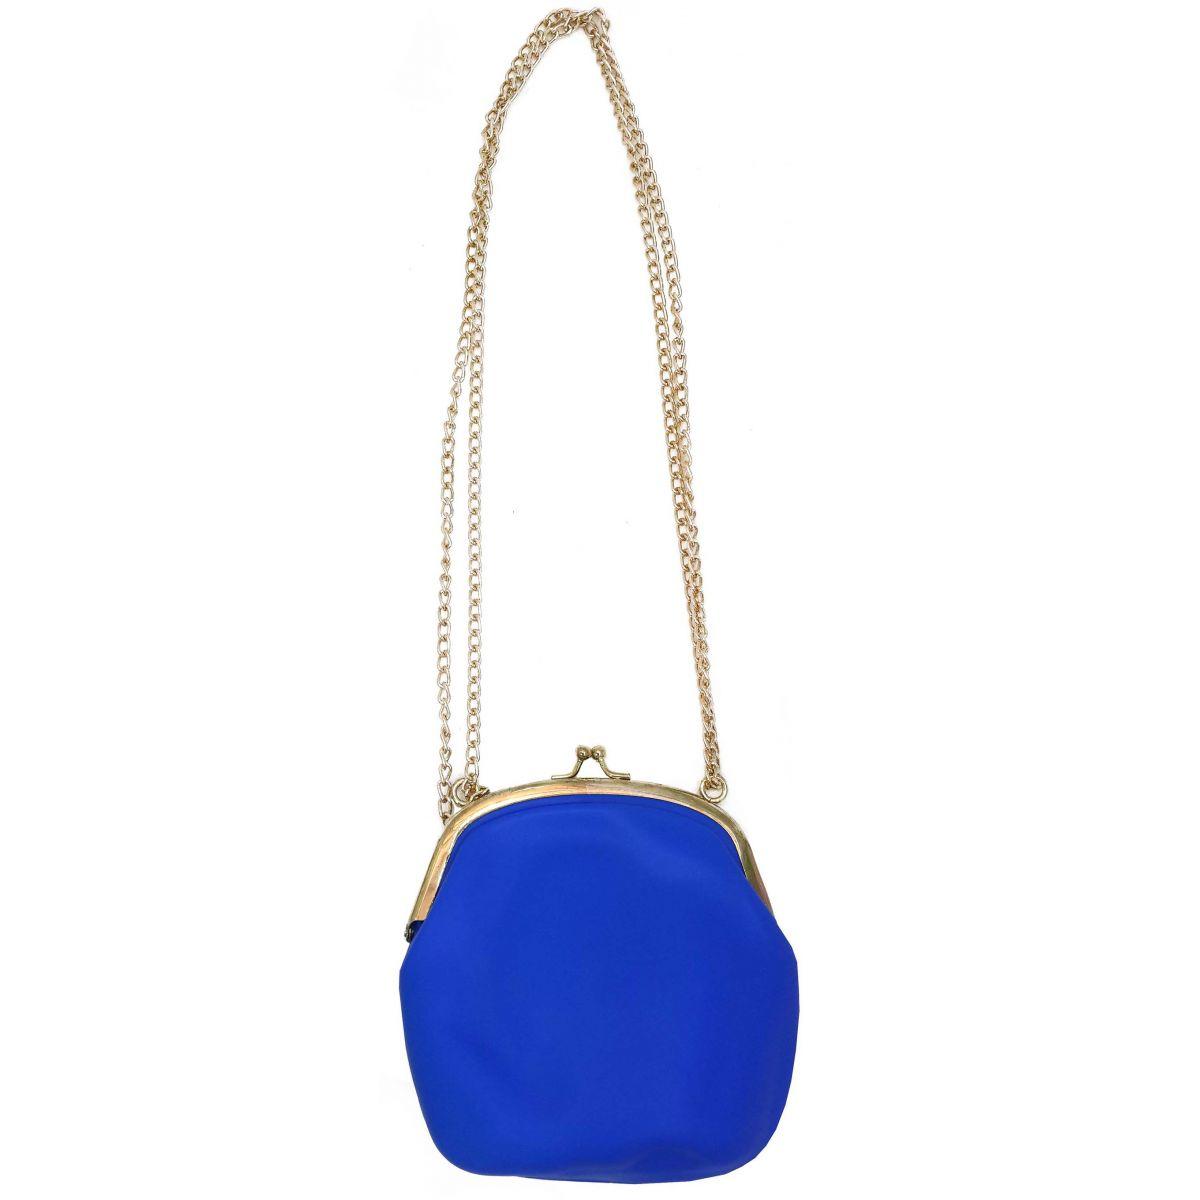 Bolsa Silicone Tiracolo Vintage Azul Com Correntes Douradas (BL-2662-6)